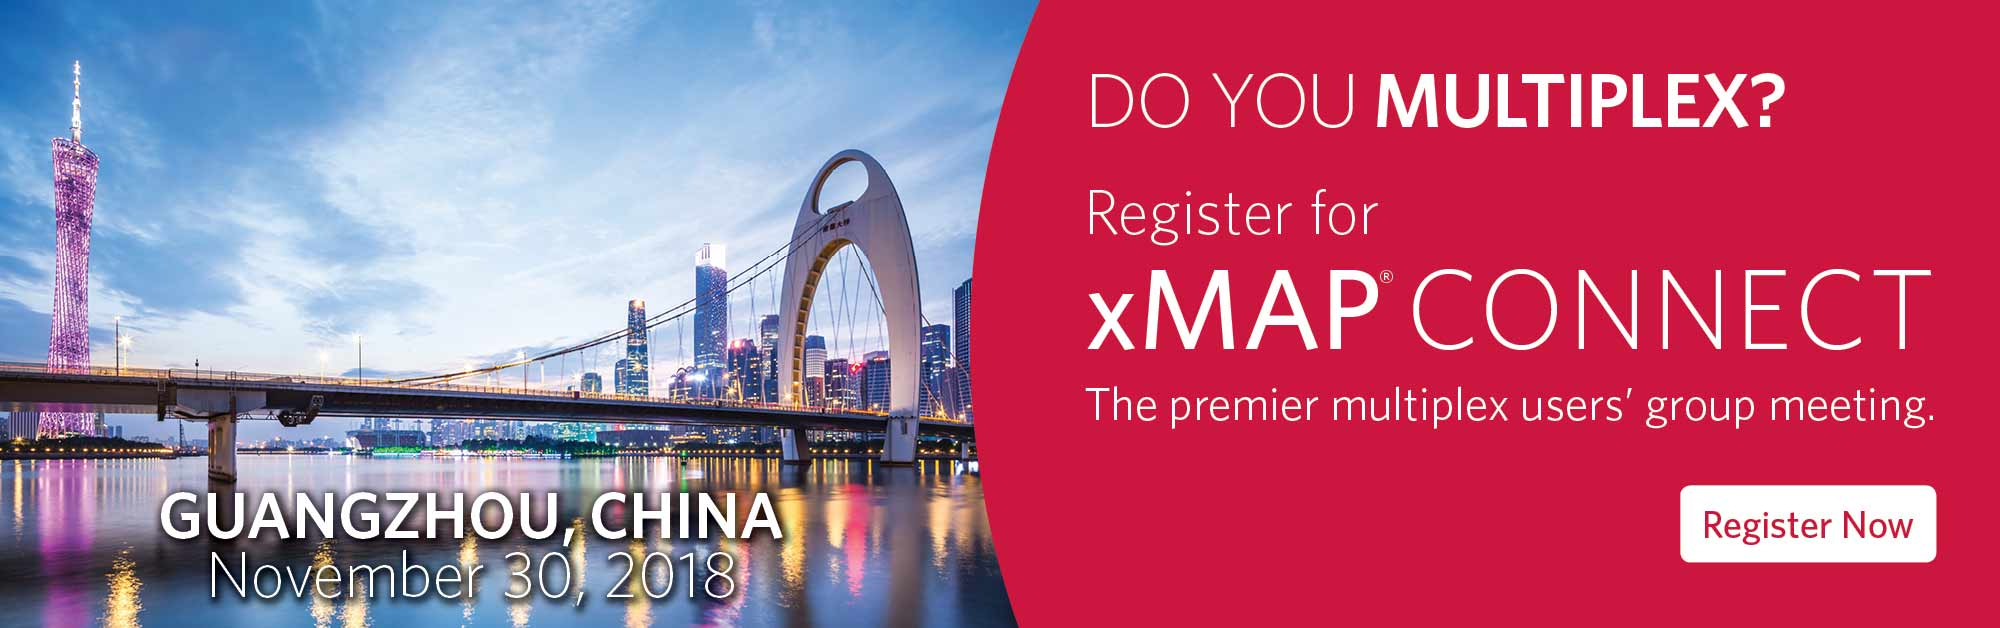 xMAP® Connect - Guangzhou, China - Nov 30, 2018